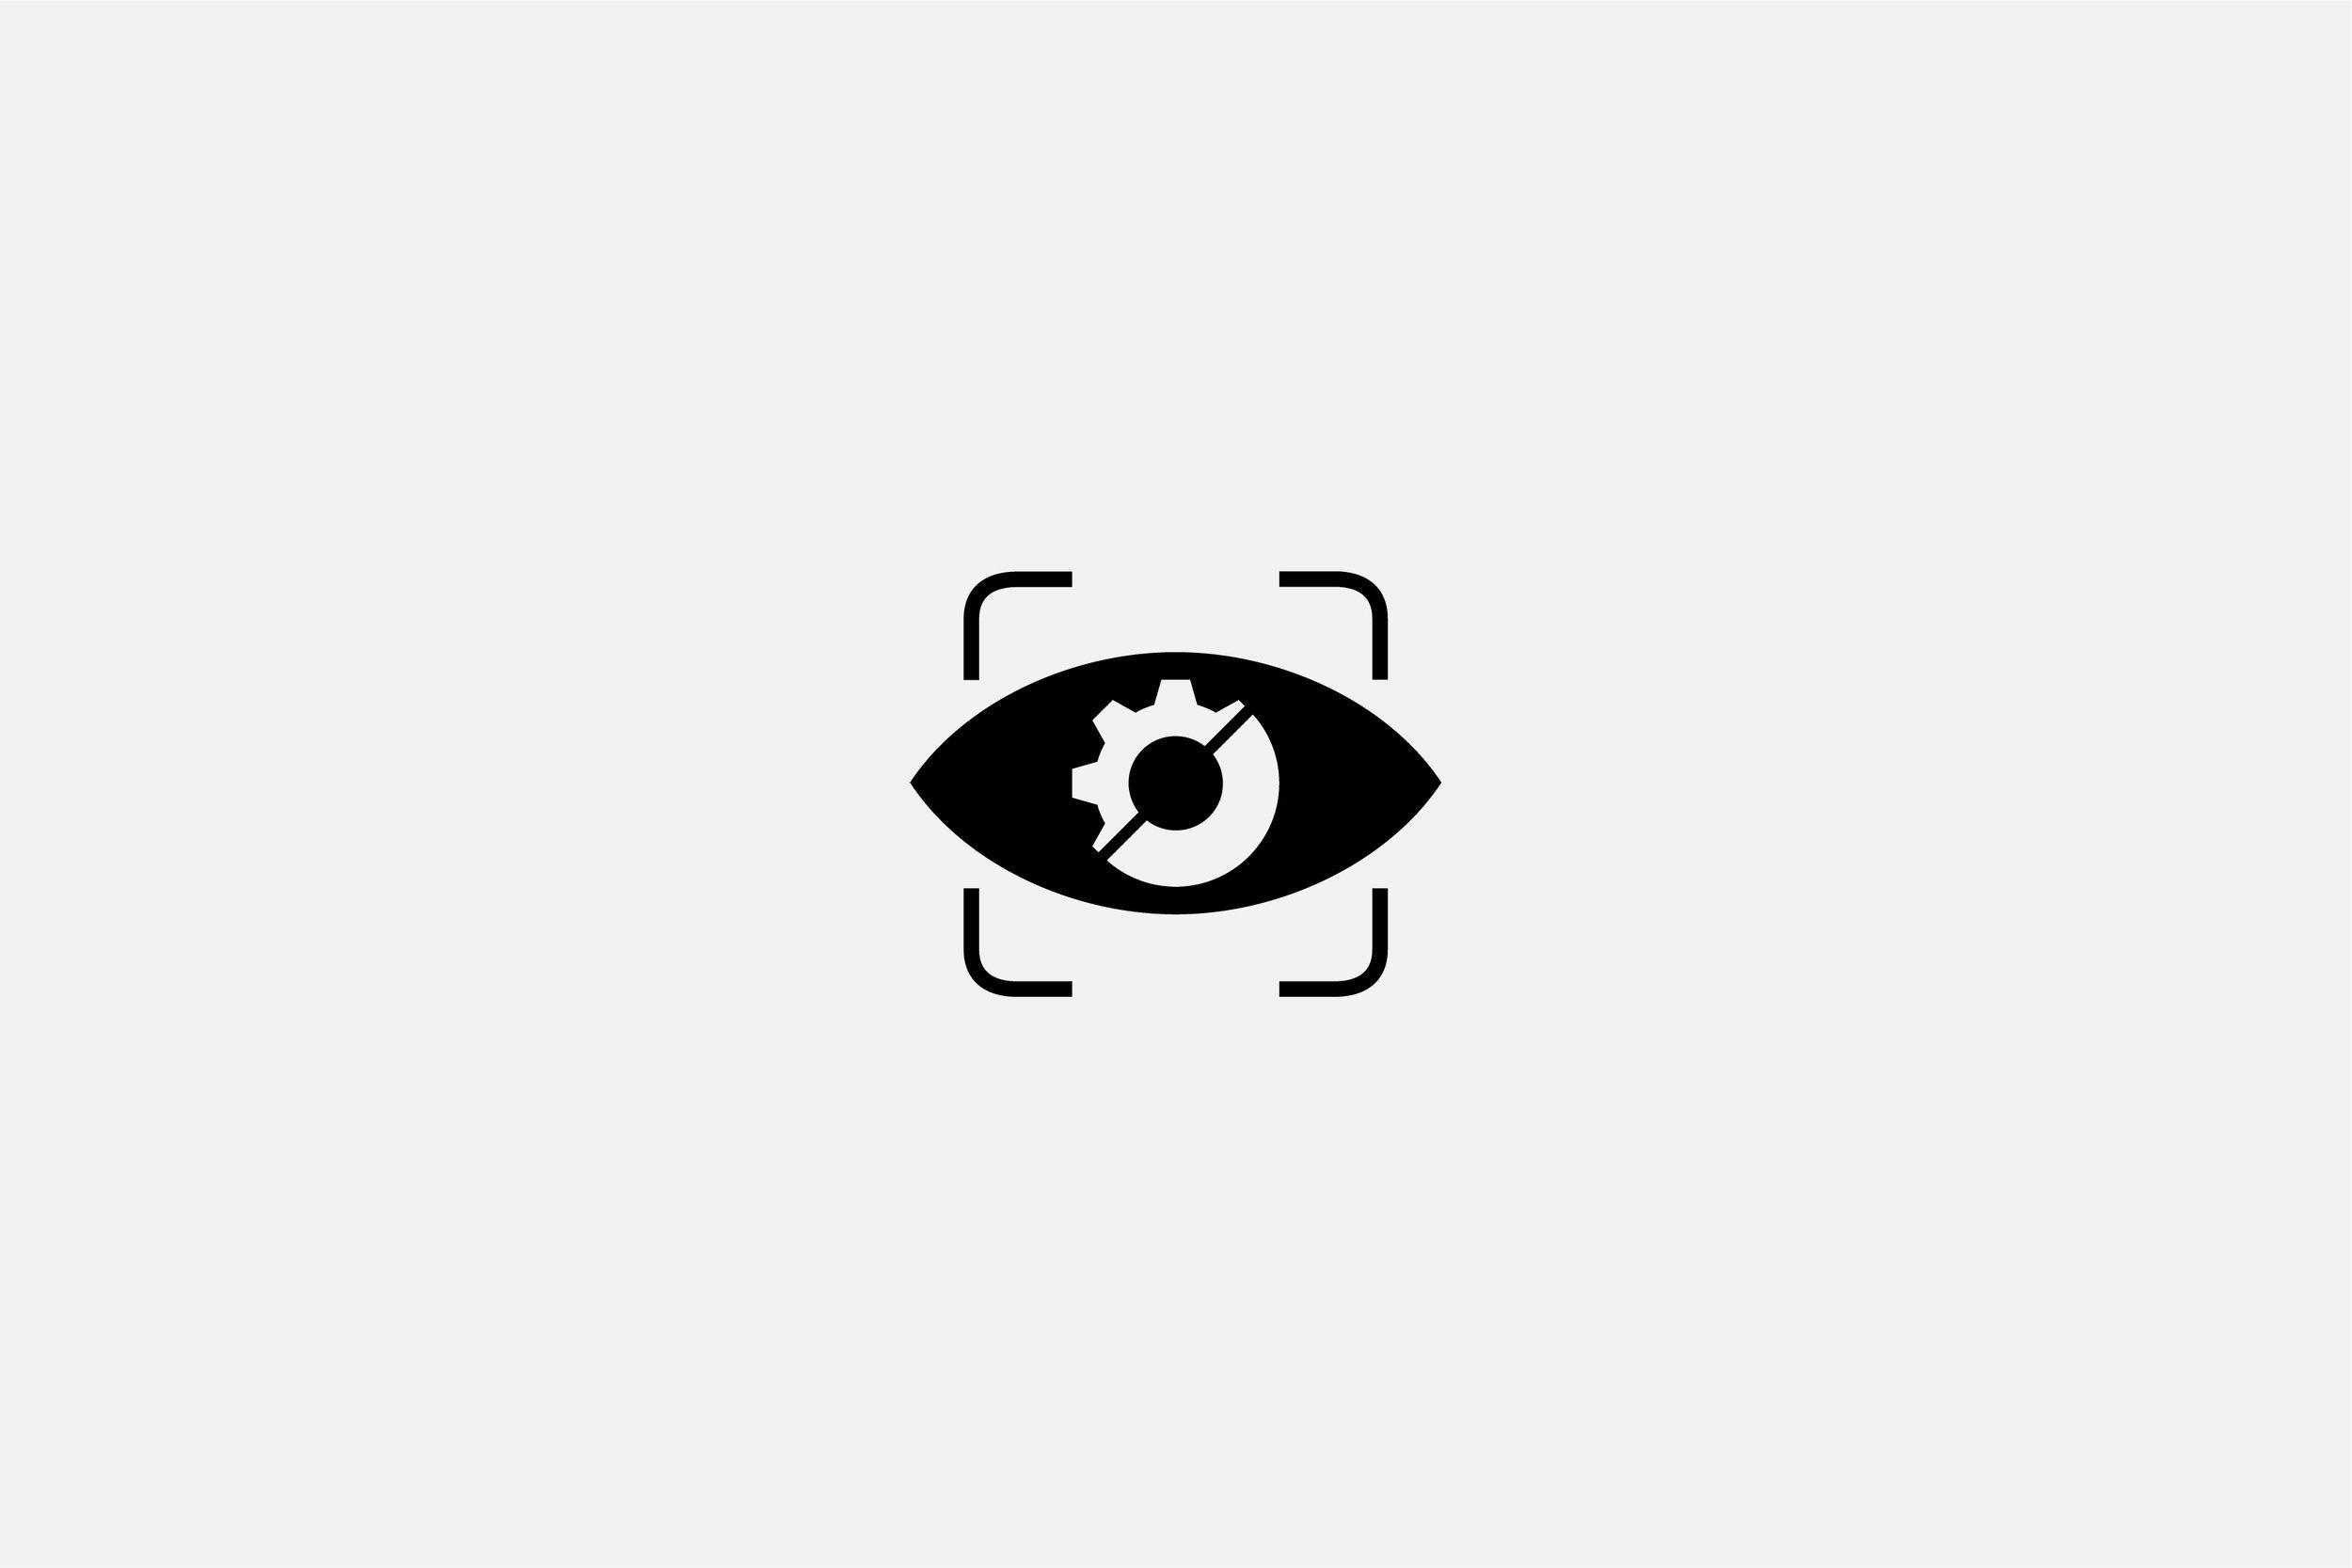 EyeLogo-Black-02.jpg